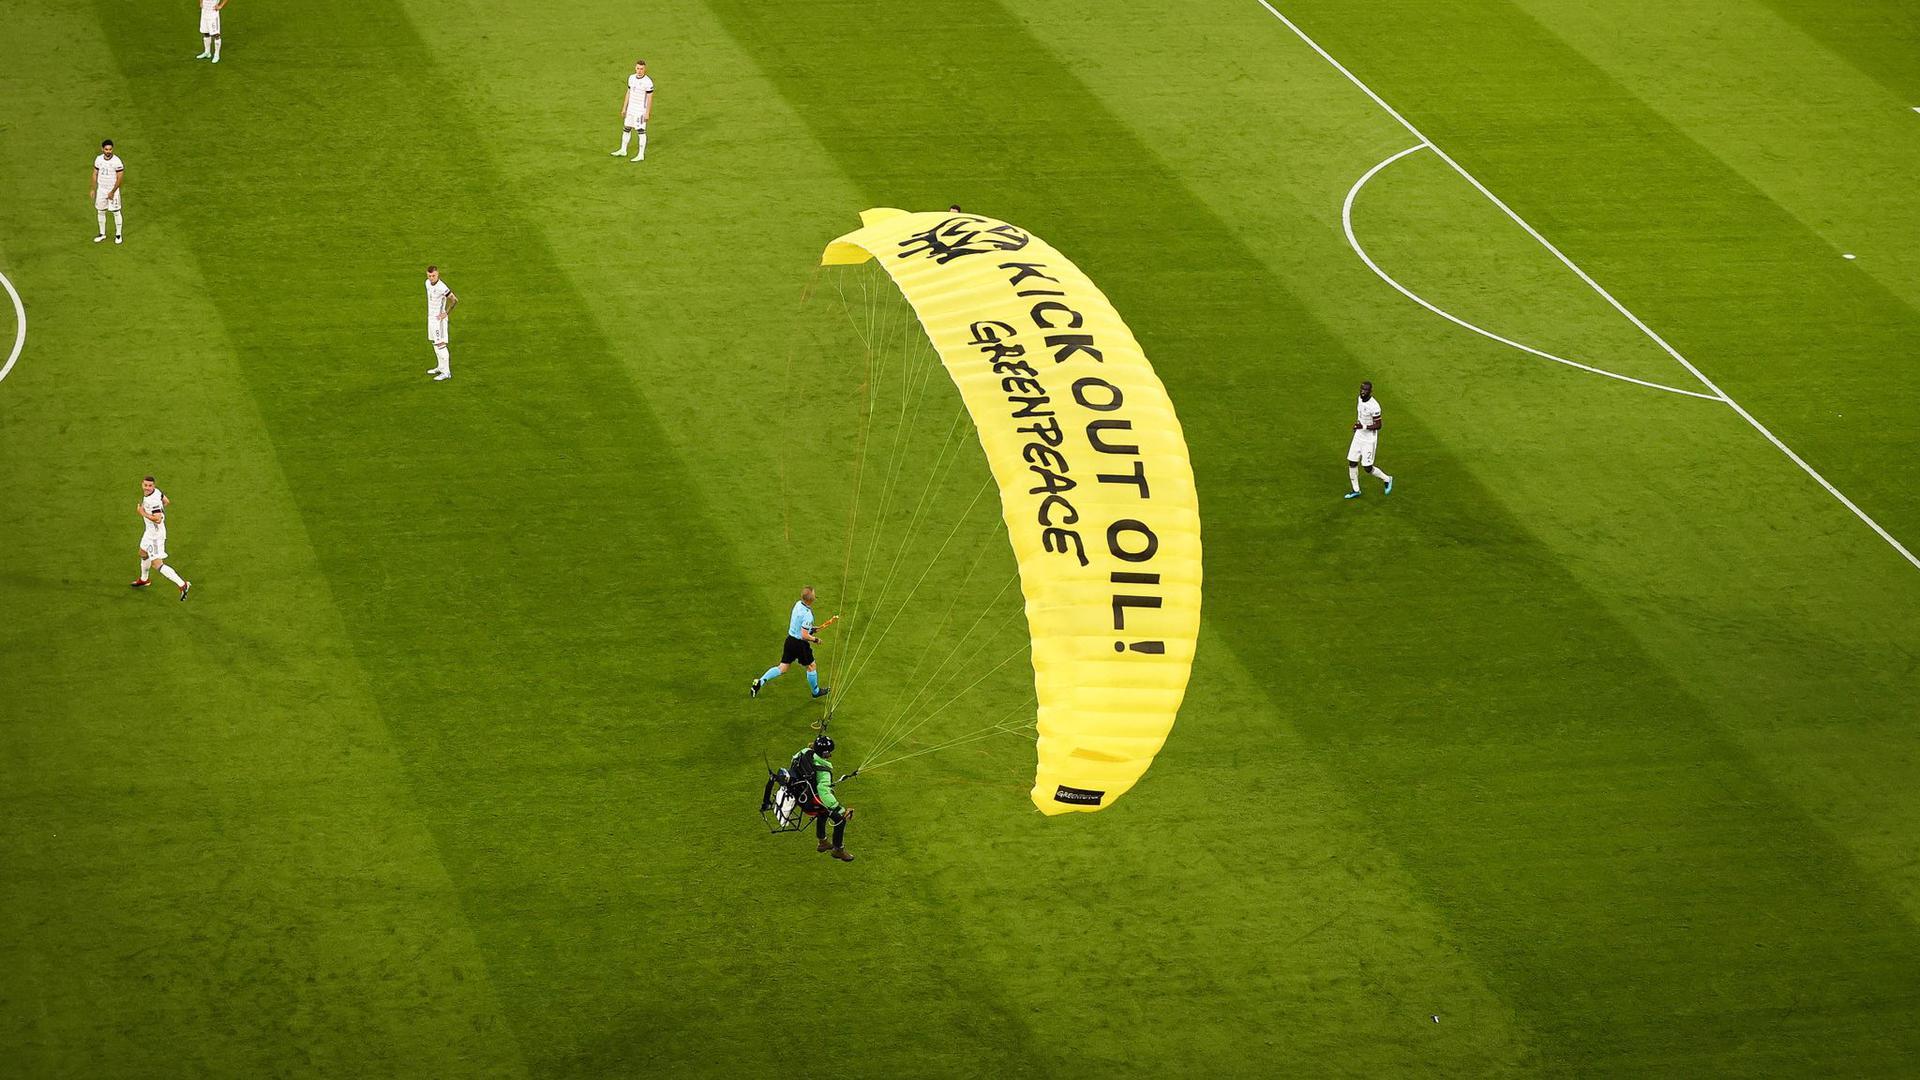 Ein Greenpeace-Aktivist landet mit einem Motorschirm-Flieger bei einer Protestaktion auf dem Spielfeld.